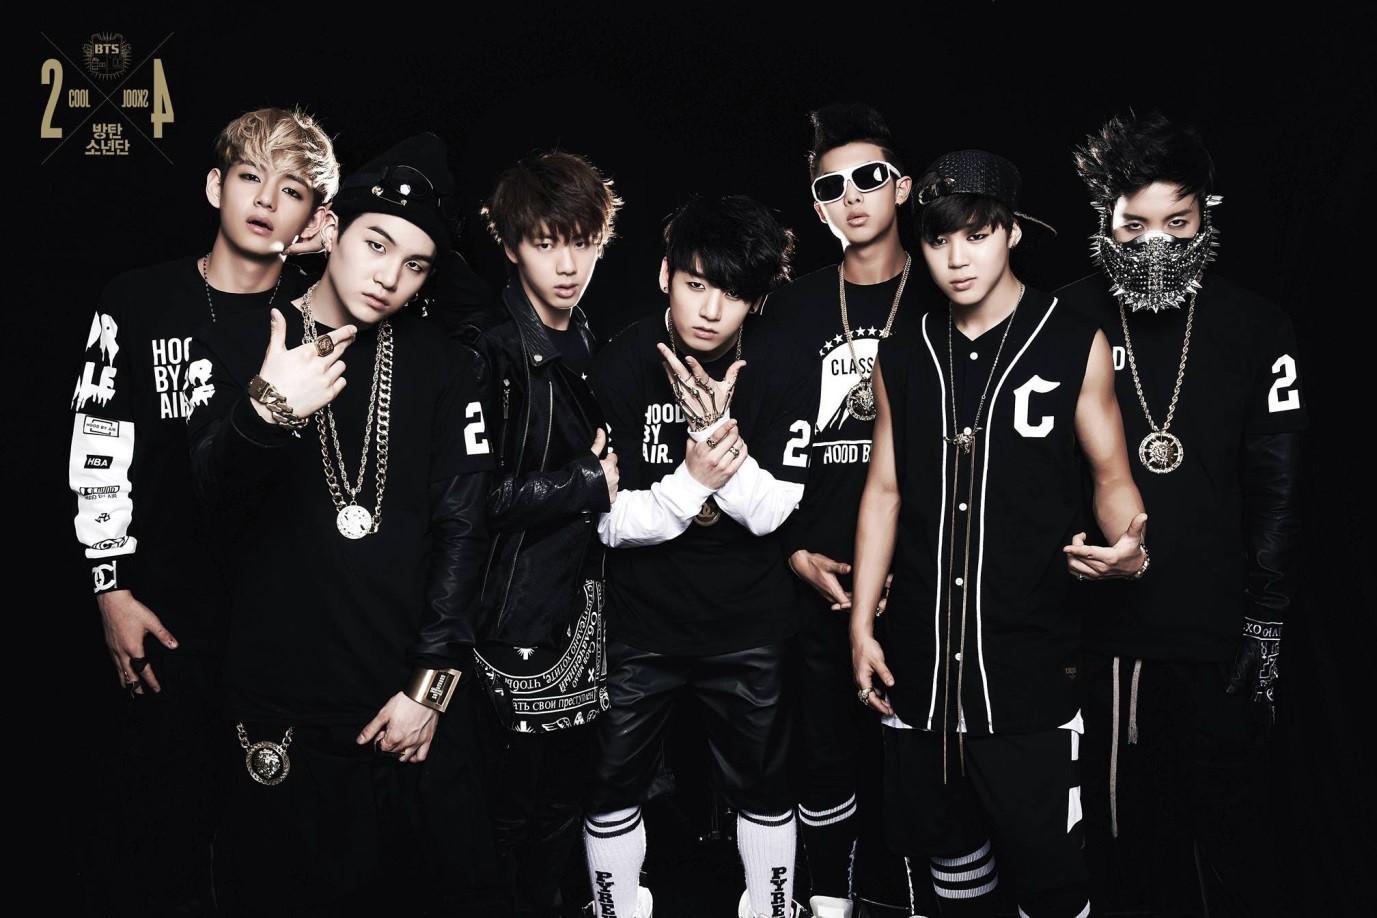 """Bị chê """"mất chất"""" sau 6 năm hoạt động, BTS đã đáp trả như thế nào qua sản phẩm âm nhạc của mình? - Ảnh 1."""